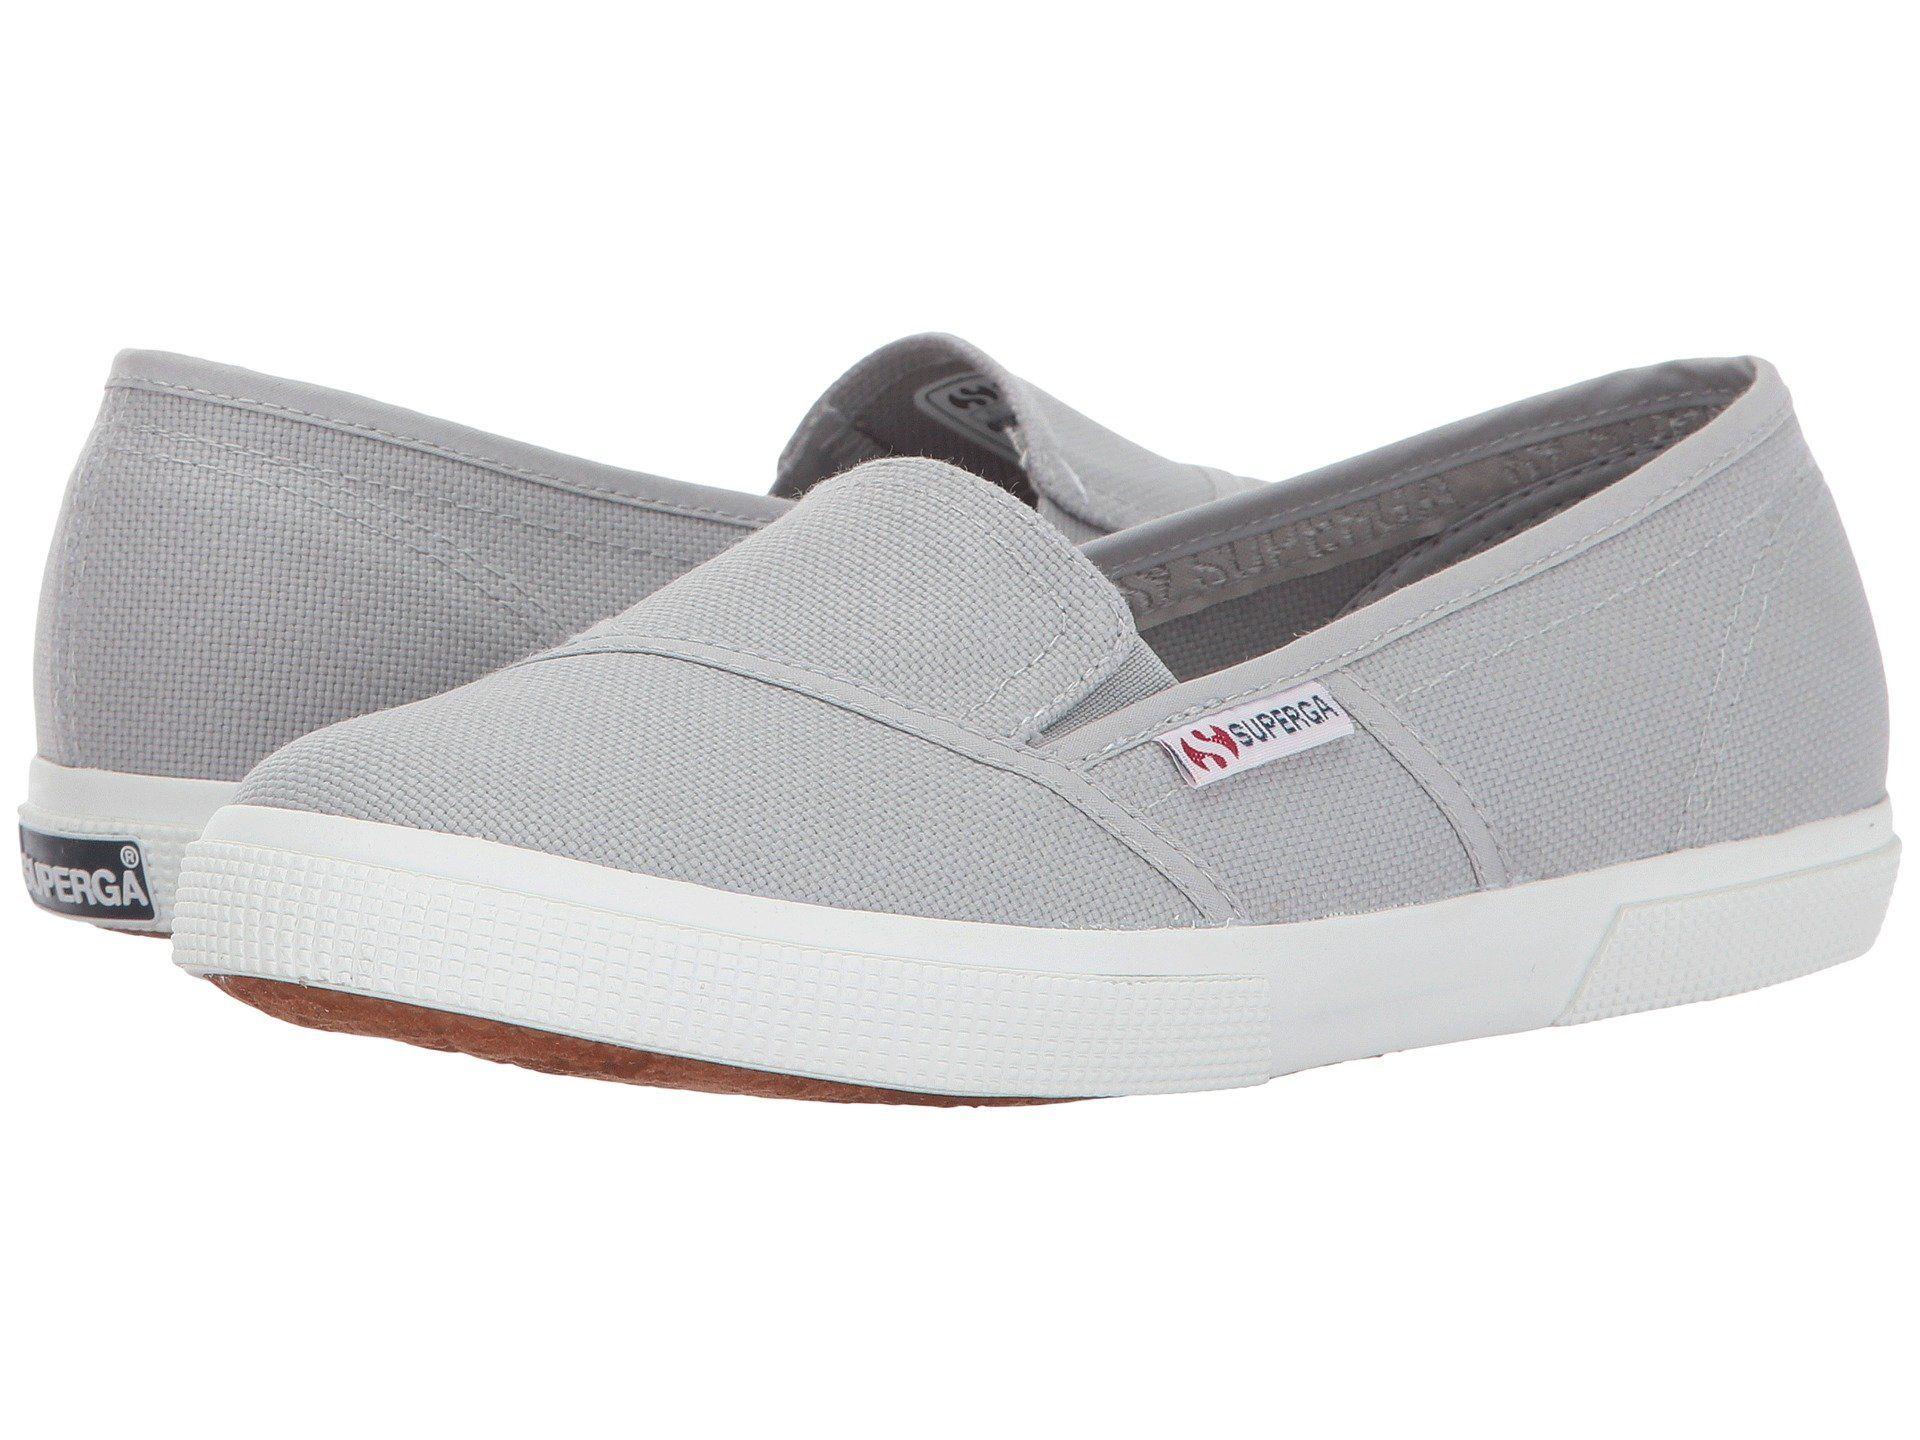 2210 Cotw Slip On Sneakers In Grey Sage